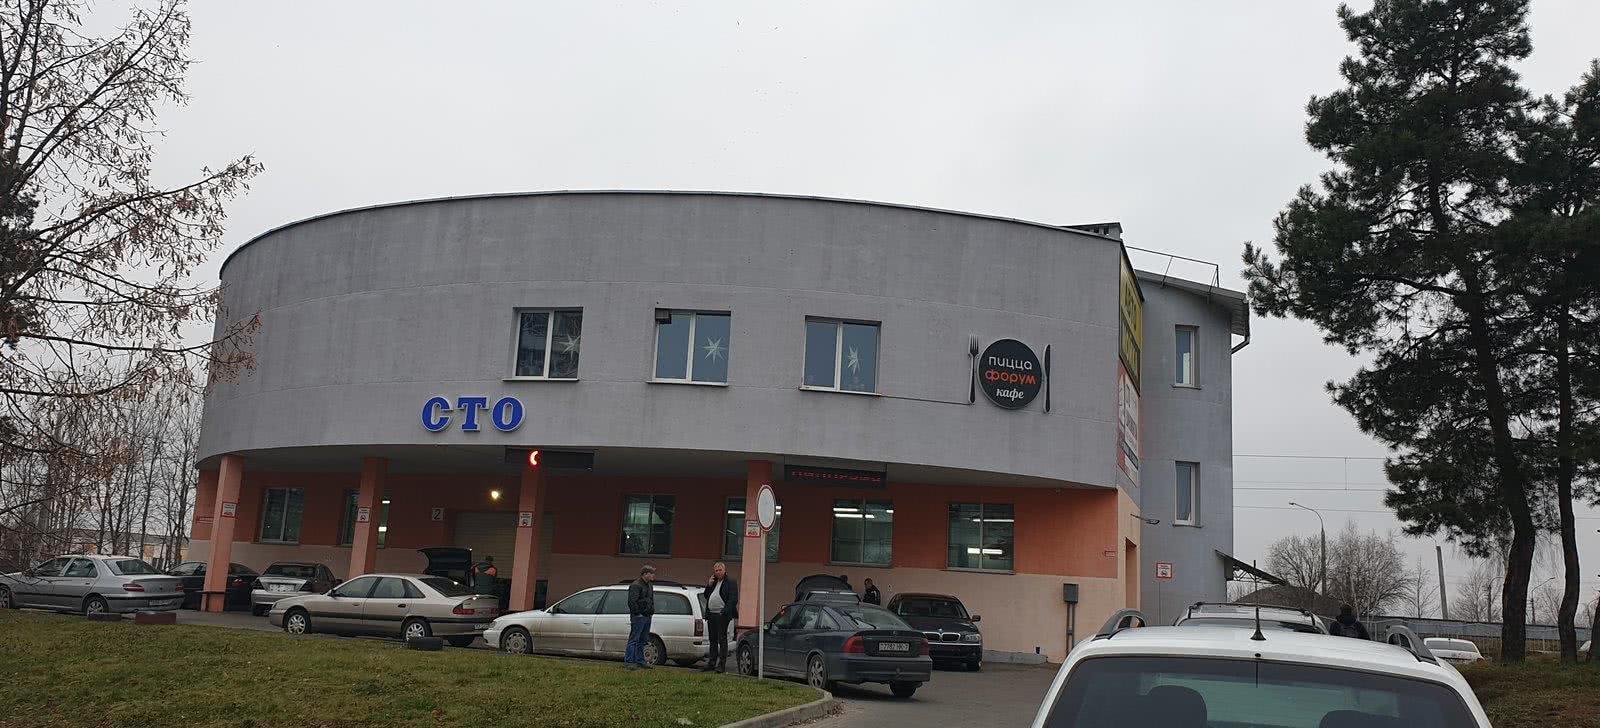 Купить офис на ул. Ротмистрова, д. 61/А в Минске - фото 1